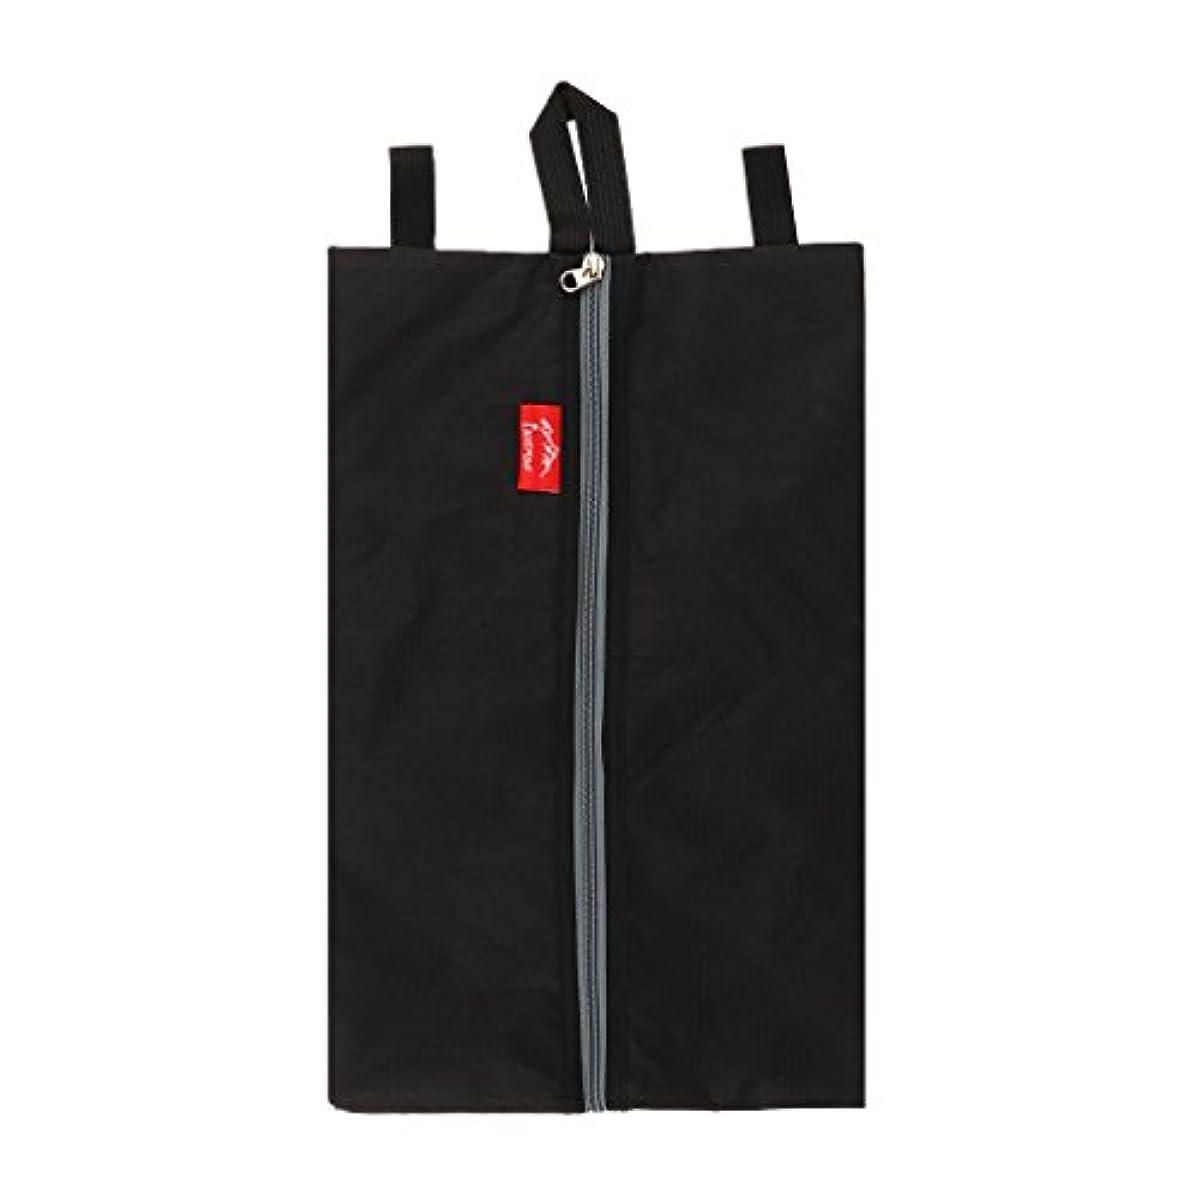 [해외] FITYLE 트래블 슈즈 화이트 방수 수납 가방 전2사이즈